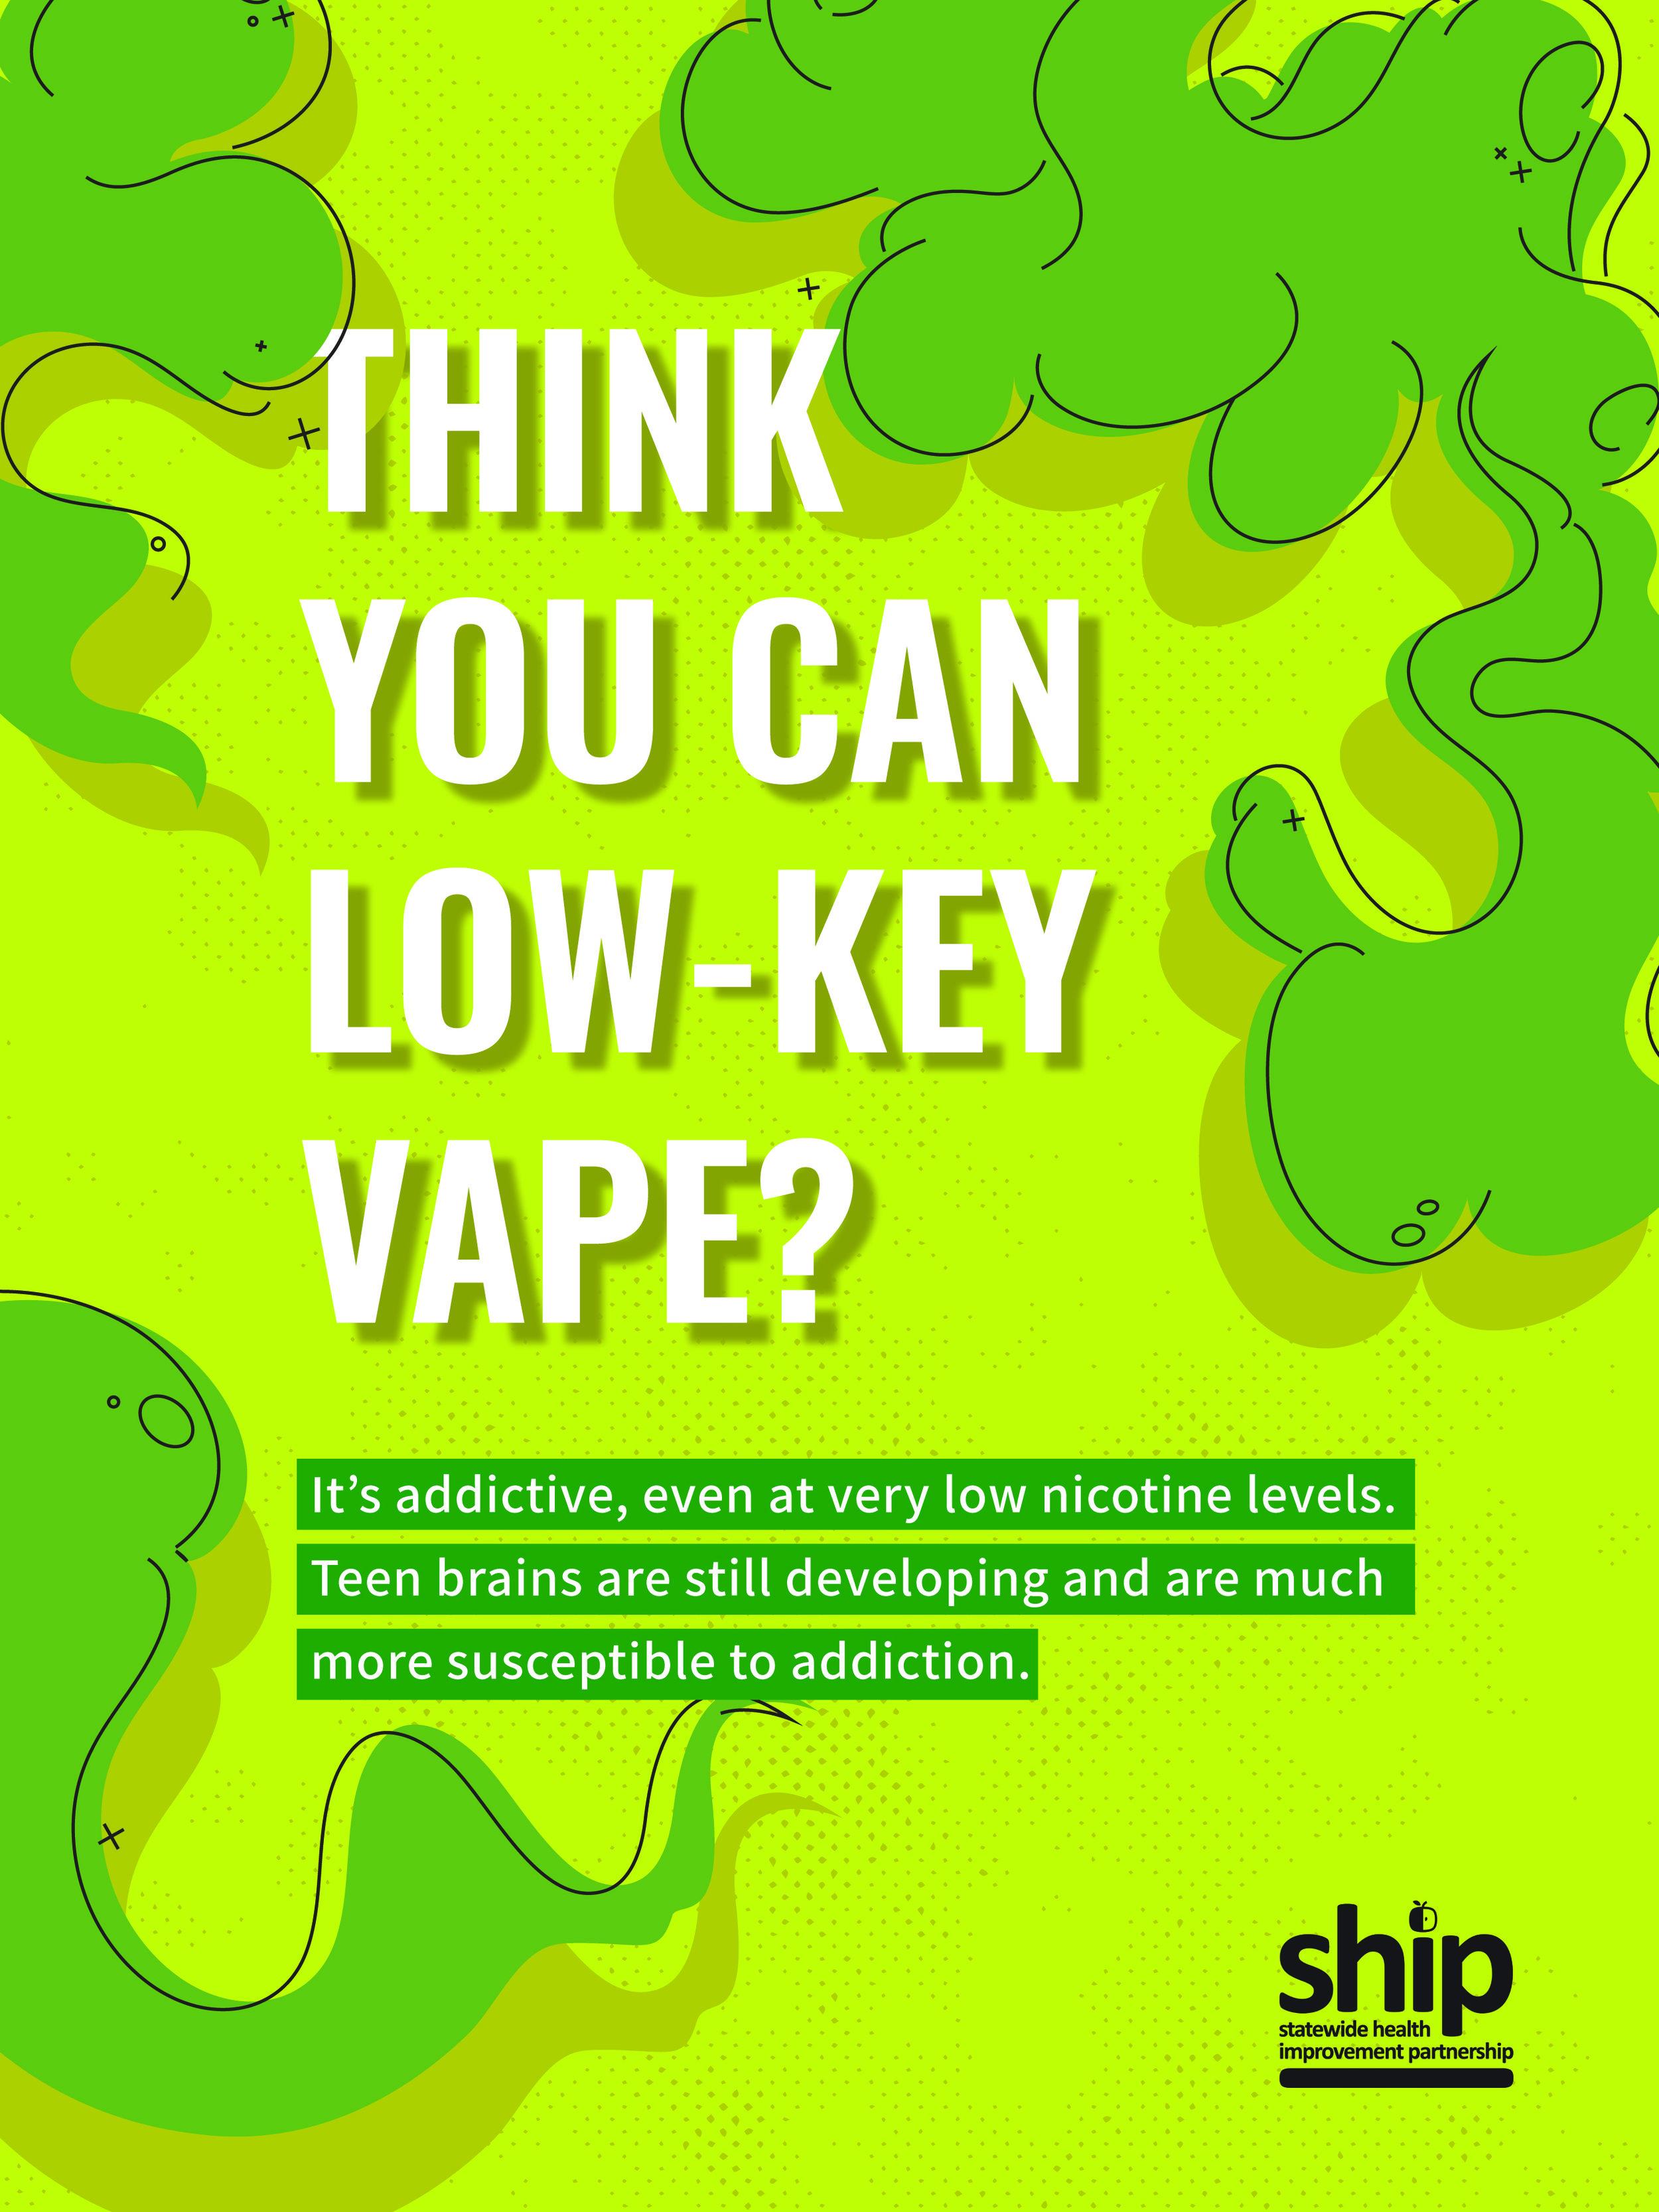 Green Vape Poster